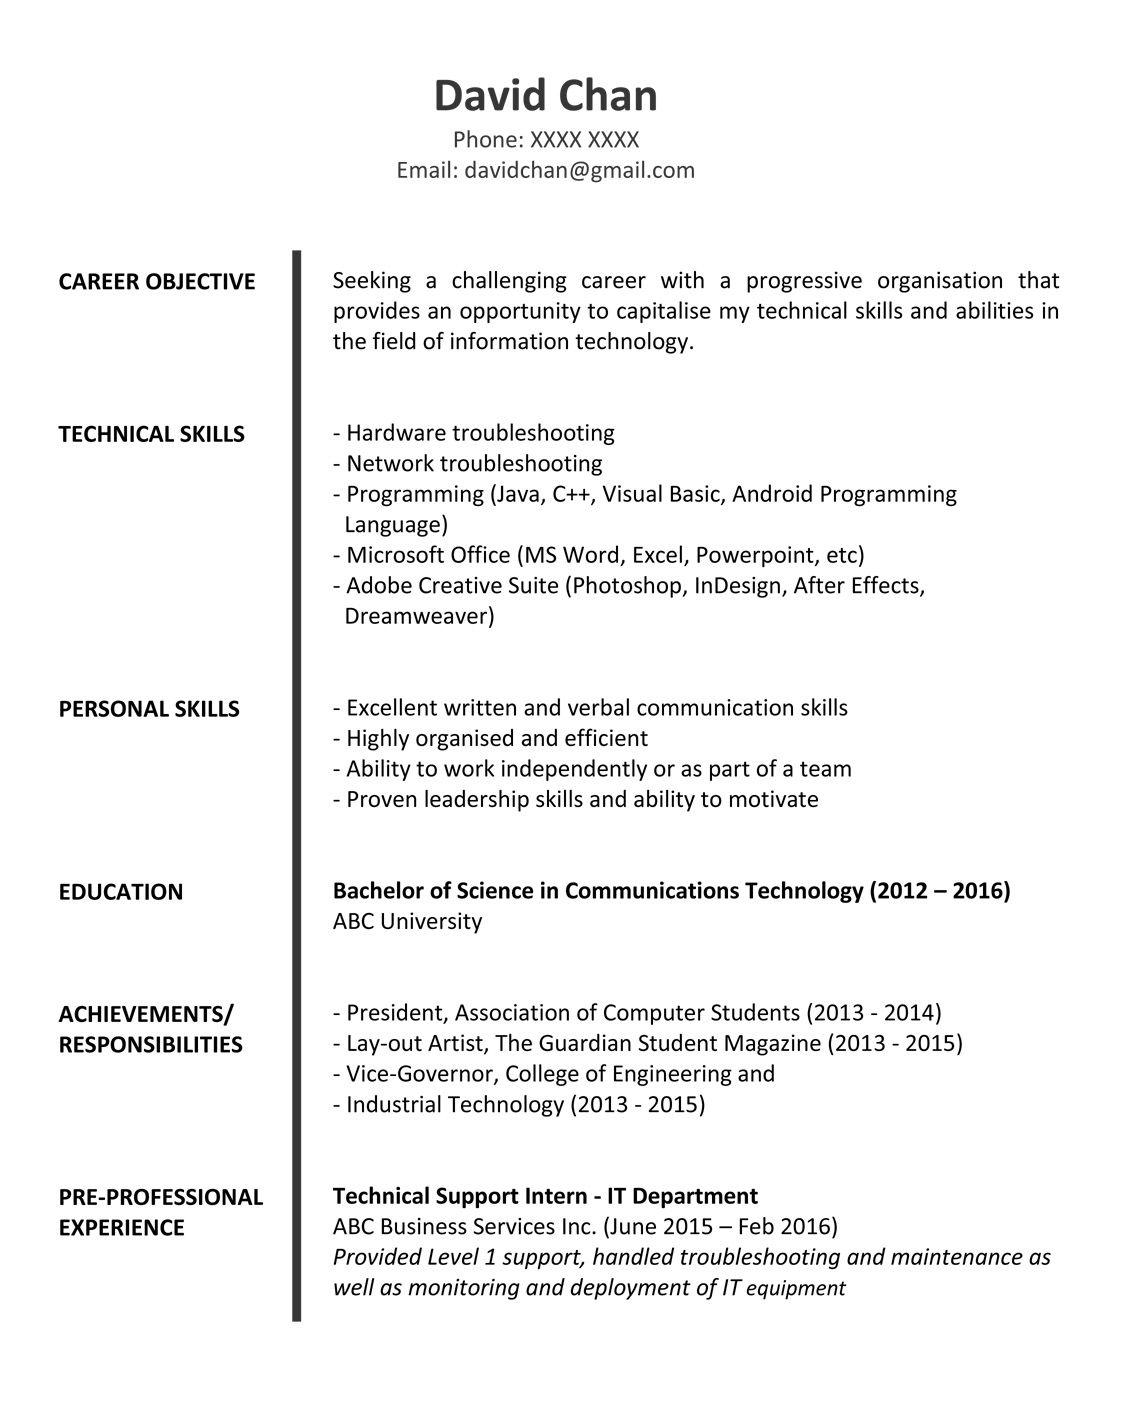 jobsdb hk cover letter